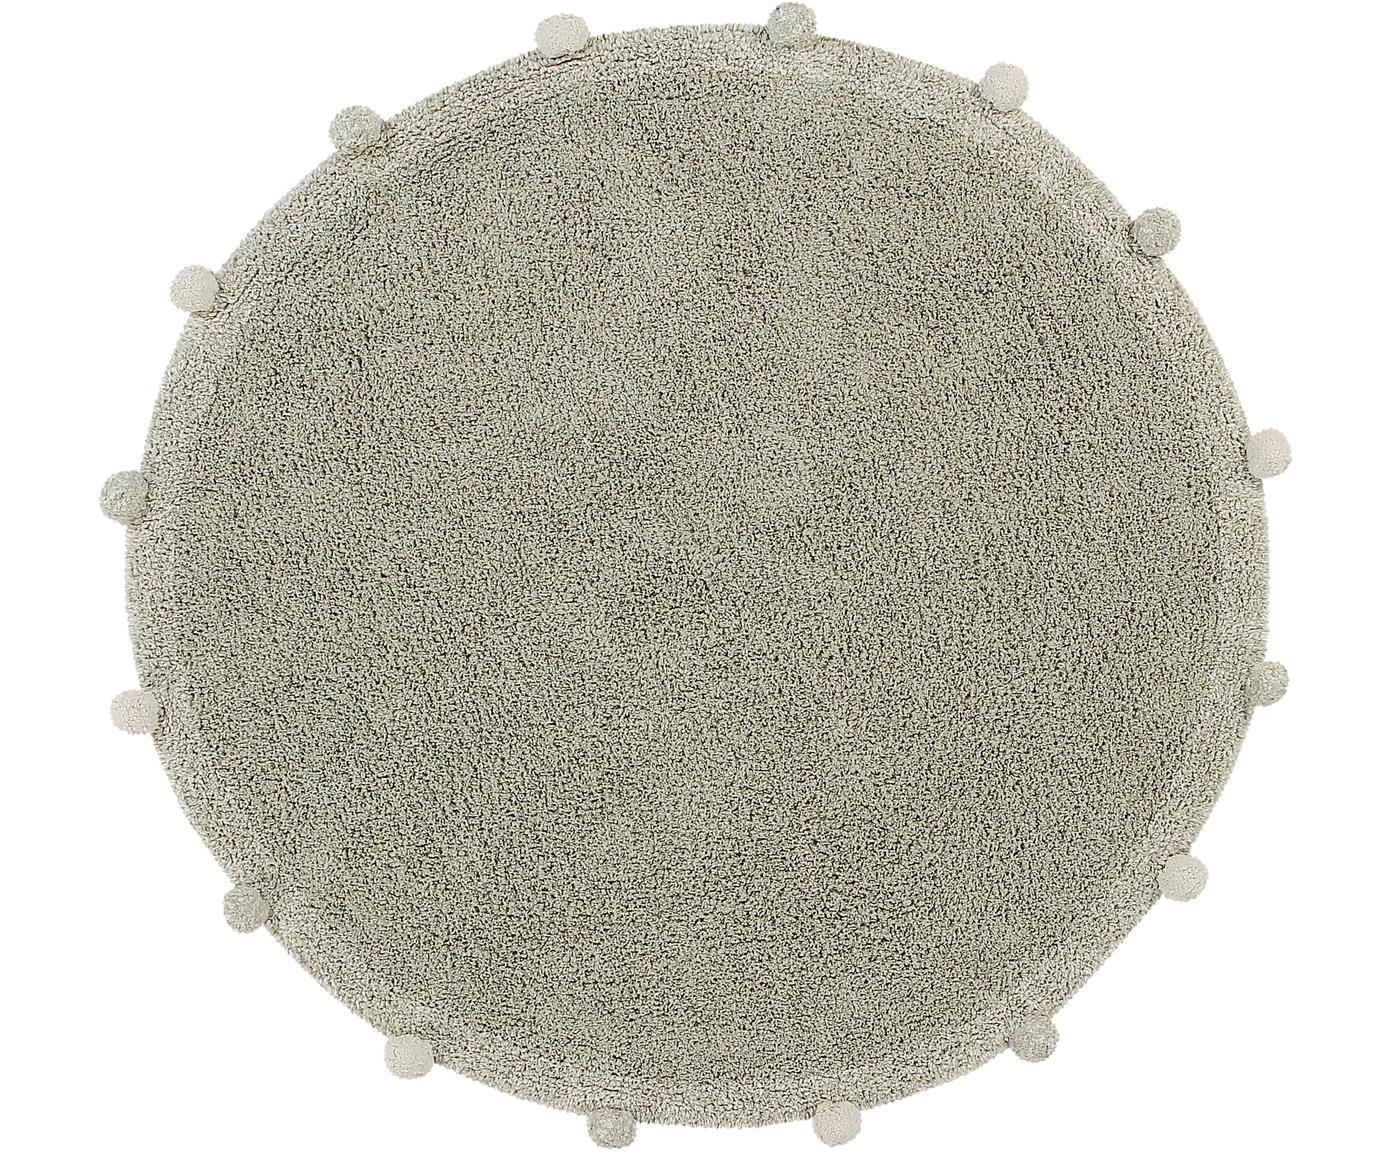 Tappeto rotondo lavabile fatto a mano Bubbly, 97% cotone riciclato, 3% altre fibre Oeko-Tex Standard 100, Verde, color crema, Ø 120 cm